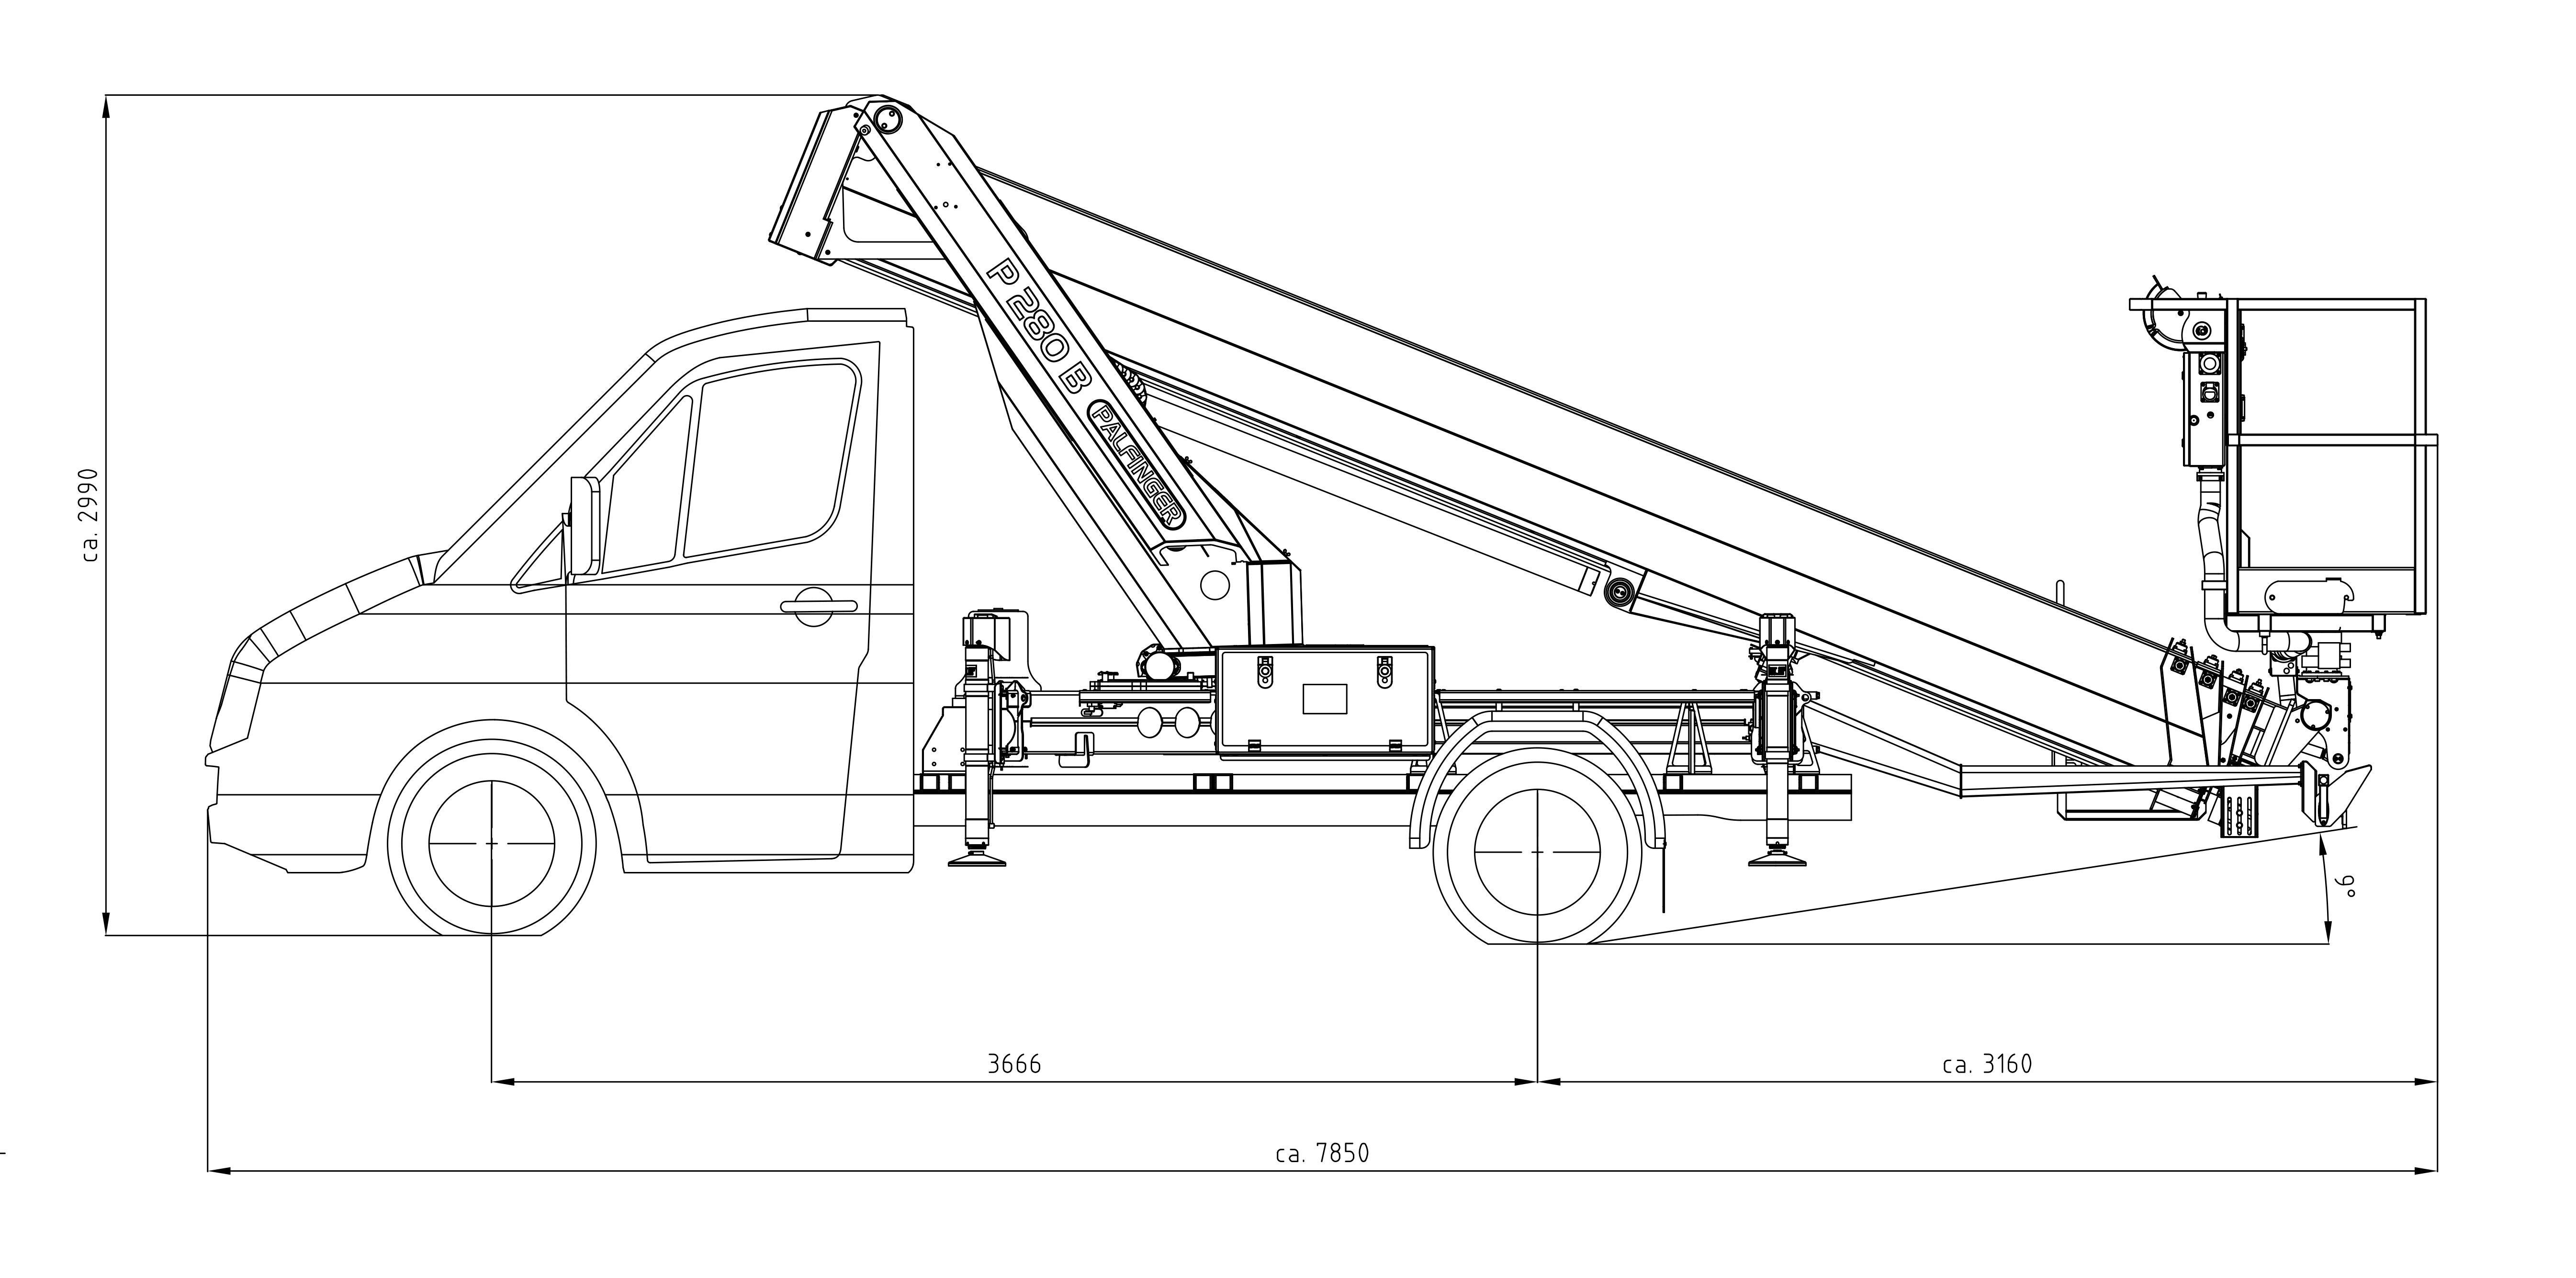 P 280 B Technische Zeichnung